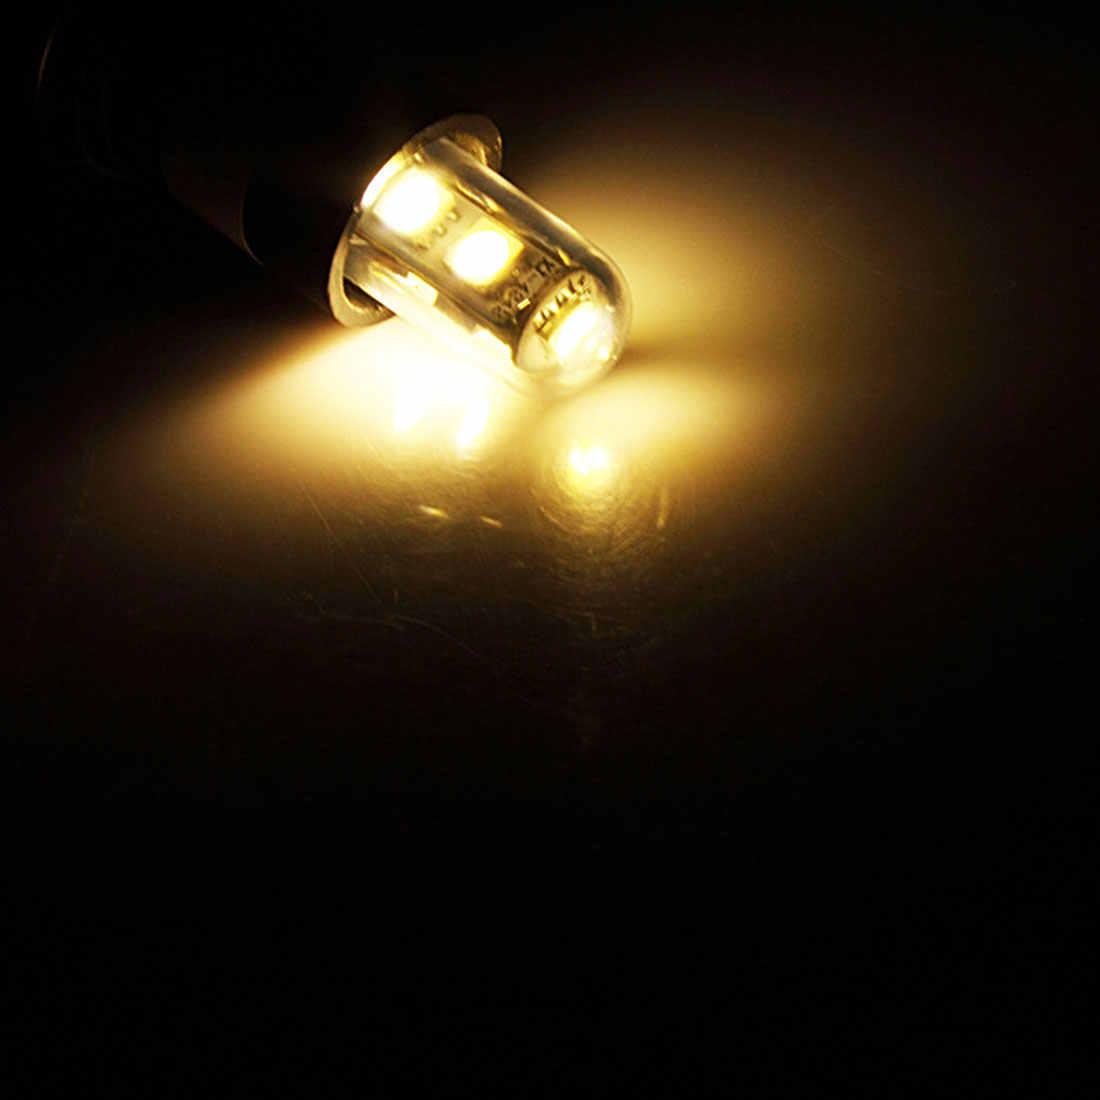 1 шт мини E14 светодиодный лампы 5050 SMD 1W хрустальная люстра 110/220V светильник Кукуруза лампы кулон холодильник светильник